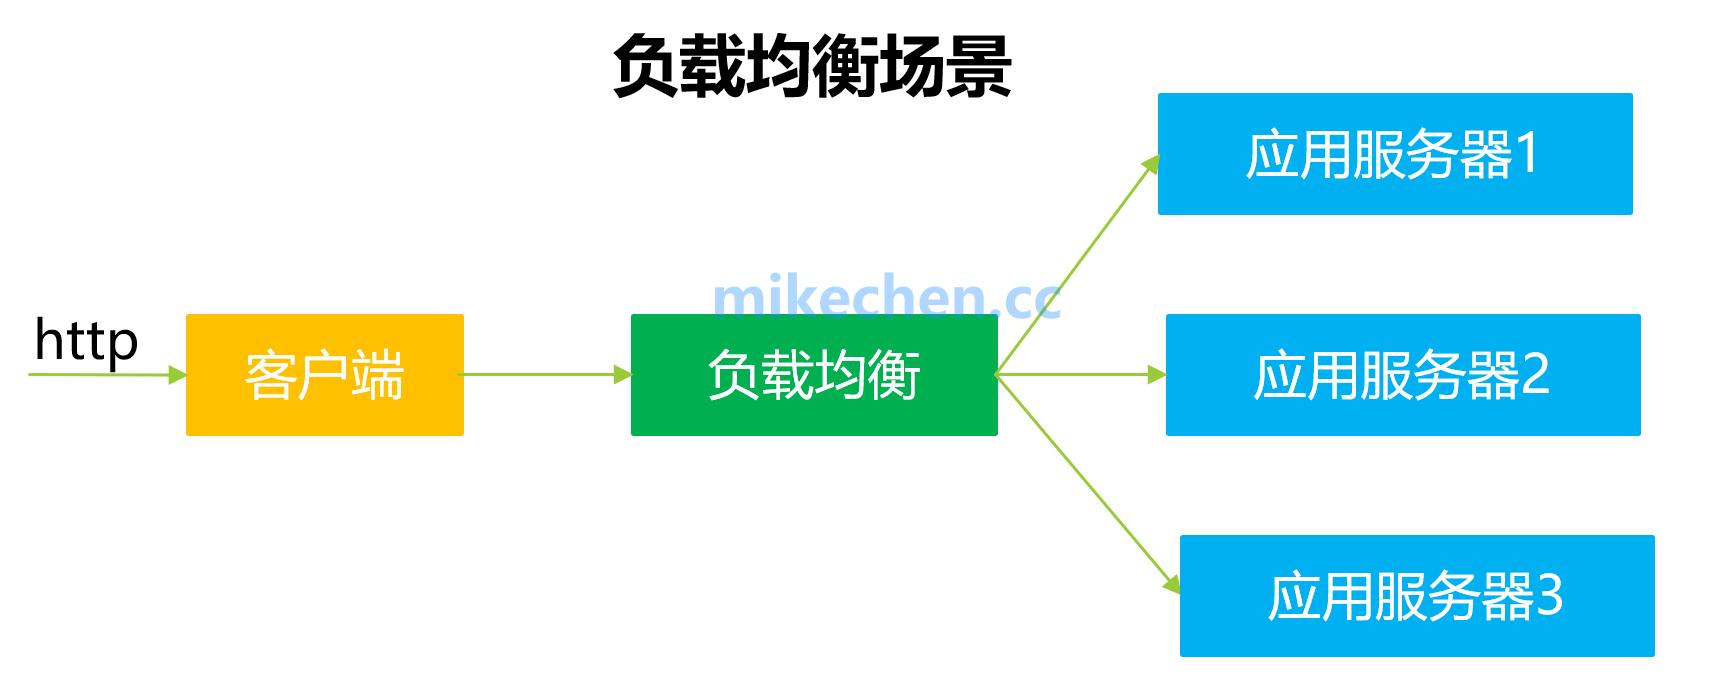 分布式、集群、负载均衡、分布式数据一致性的区别与关联-mikechen的互联网架构师之路